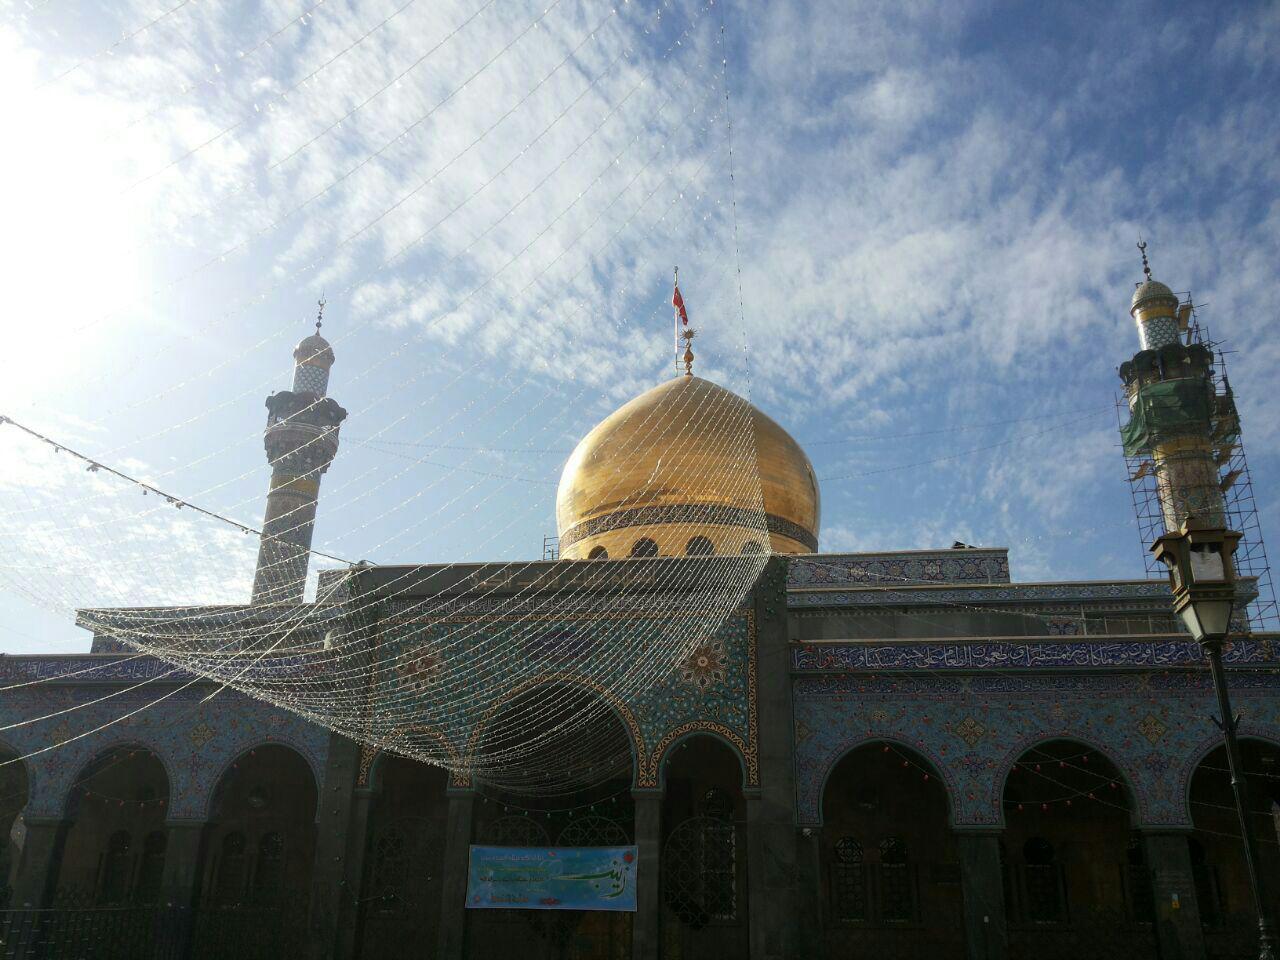 تصویر گزارش تصویری ـ تصاویر جدید از حرم حضرت زینب سلام الله علیها